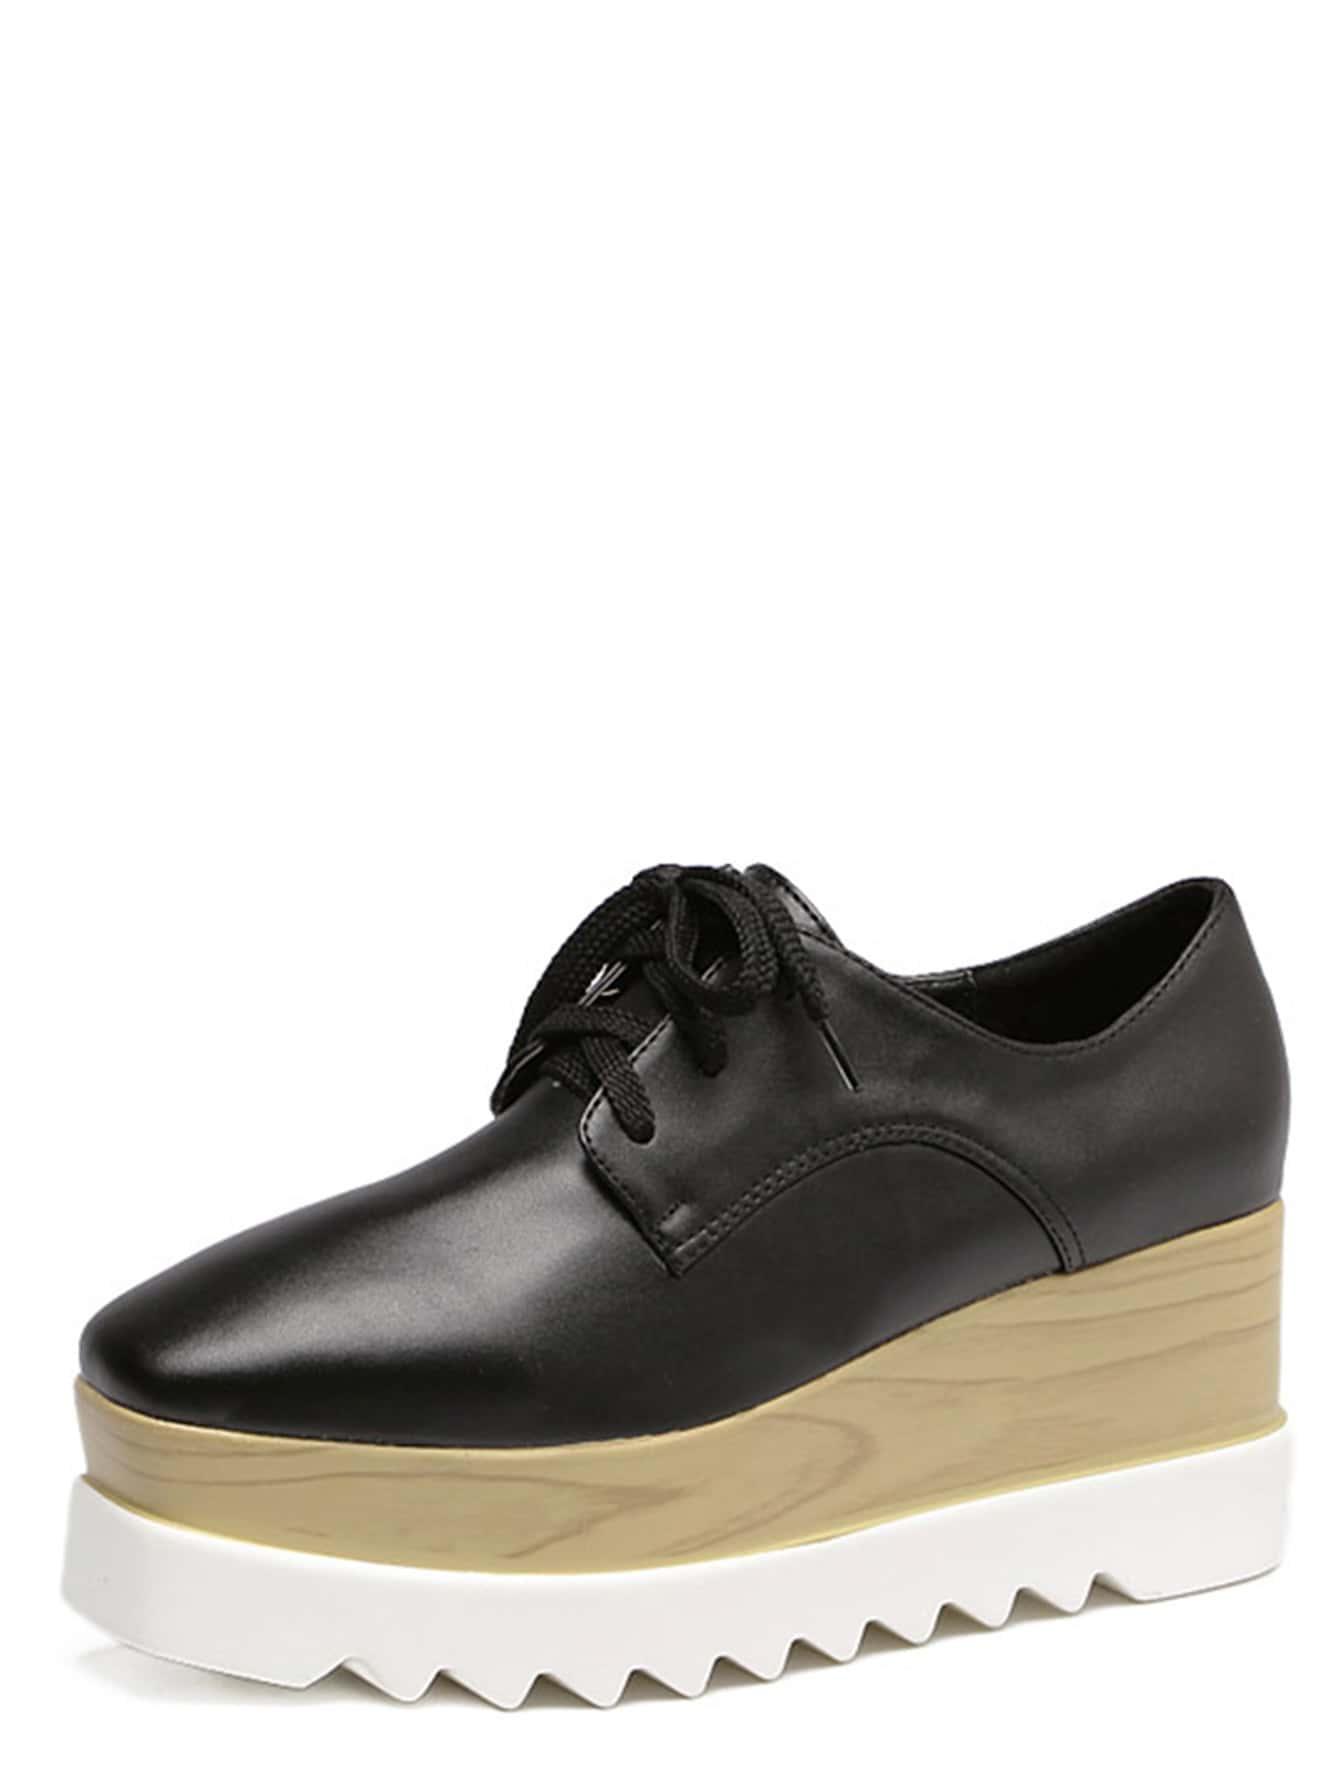 shoes161229803_2